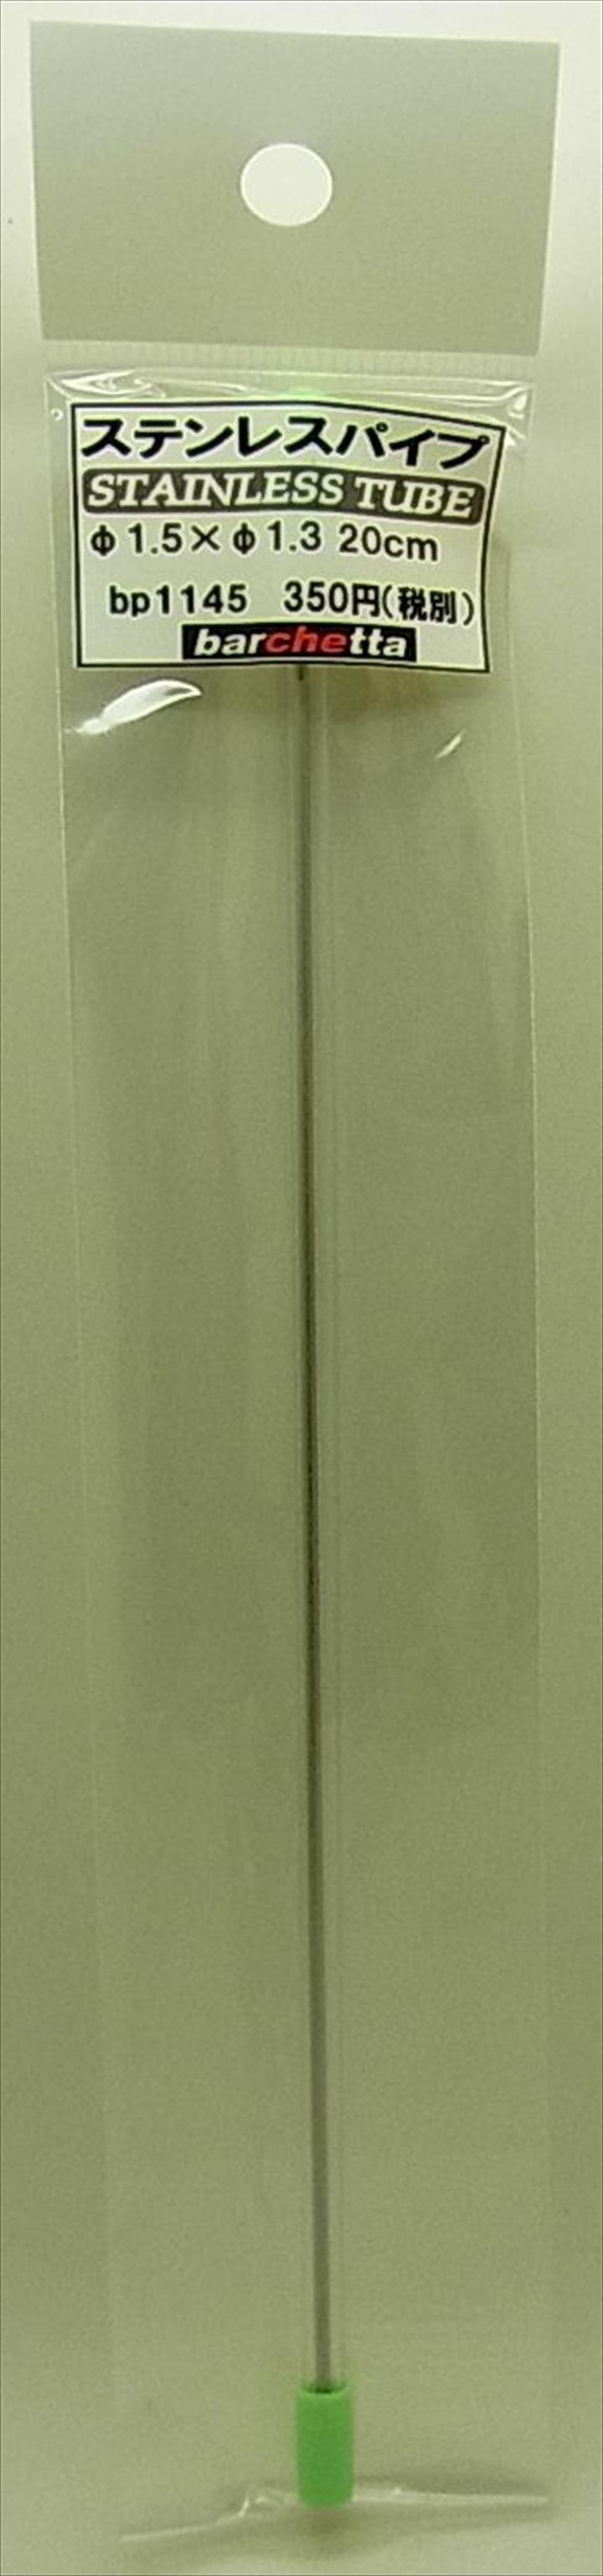 bp1145  ステンレスパイプ 外径φ1.5 × 内径φ1.3 長さ20cm 1本入 STAINLESS TUBE